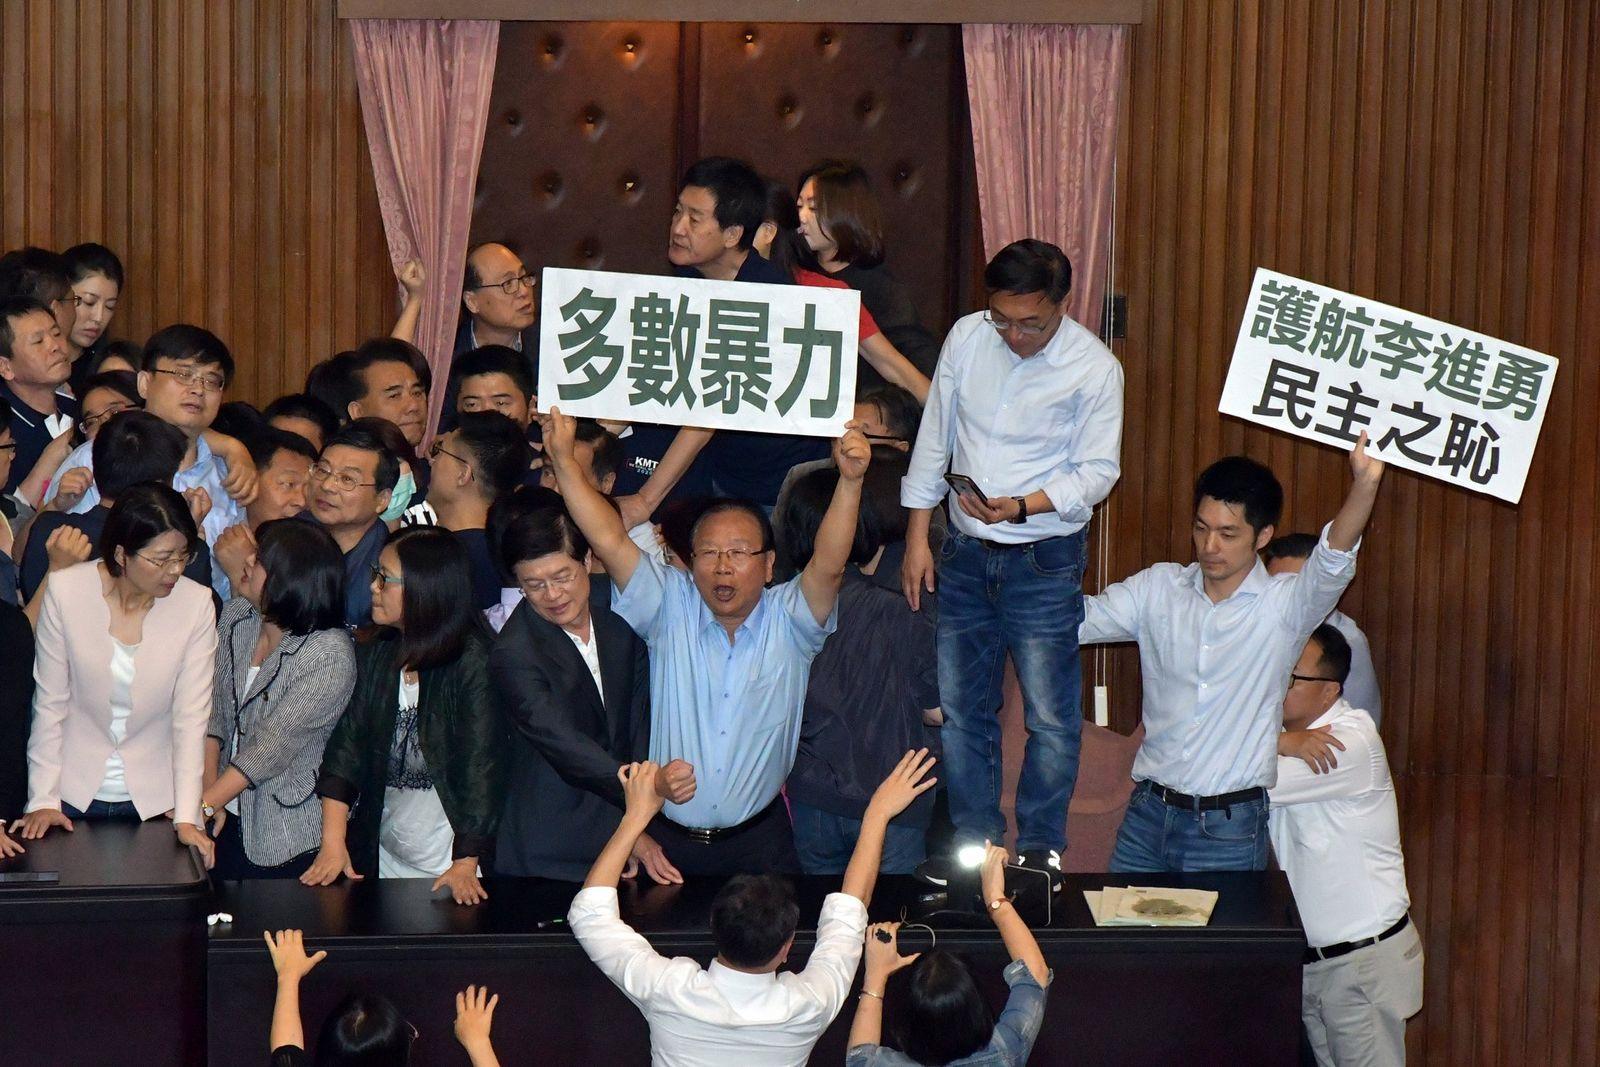 【廖元豪觀點】為什麼民進黨敢說李進勇是「公正人士」?